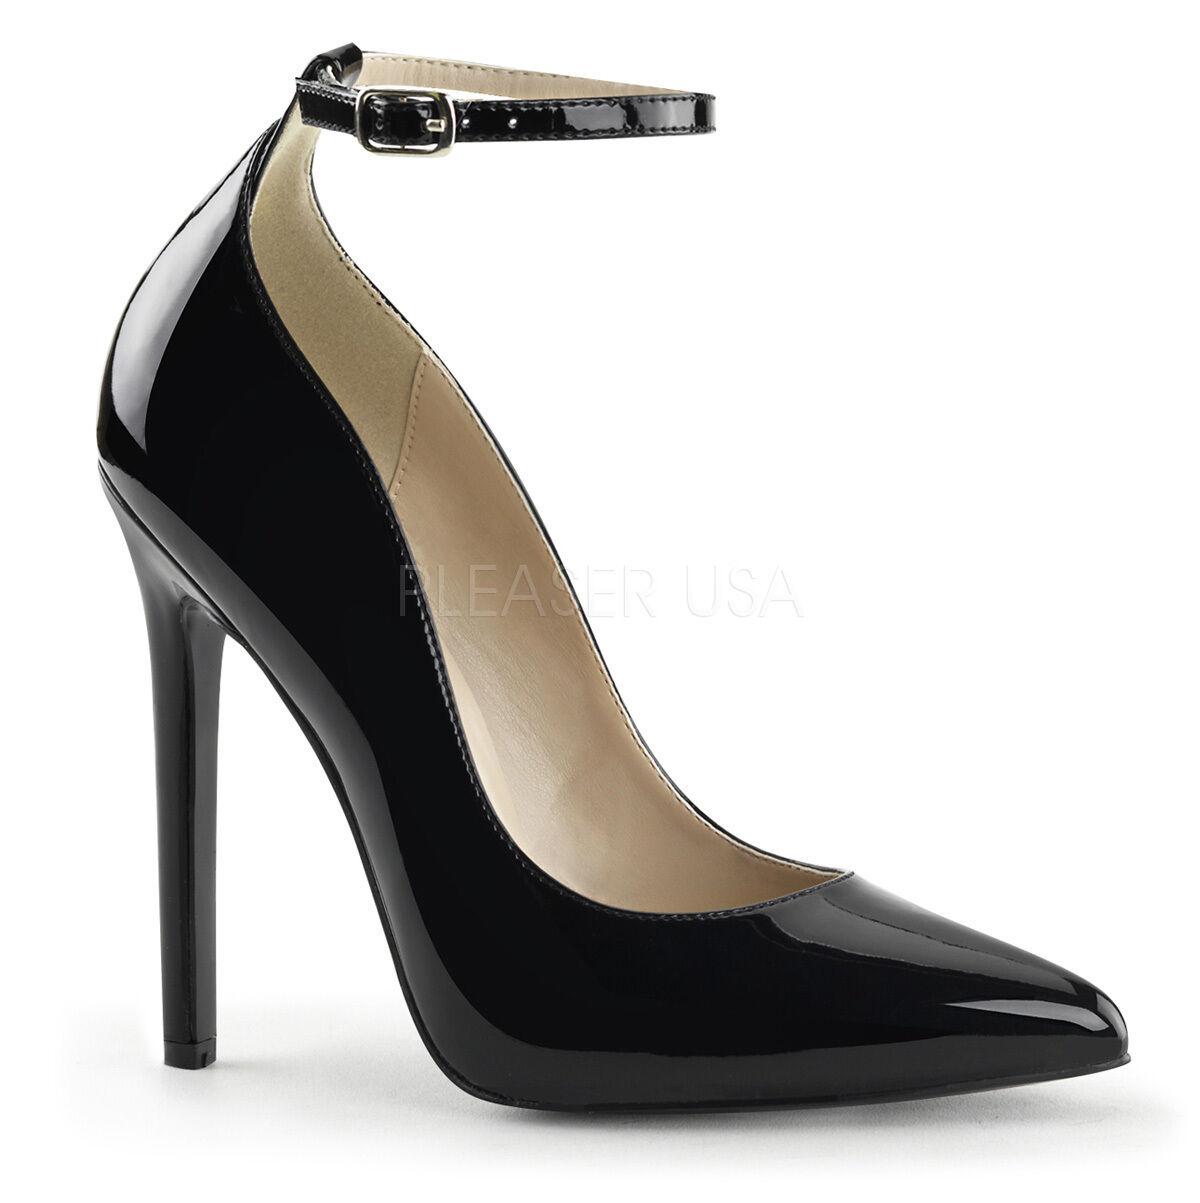 Pleaser 5-5 1 4 4 4 SEXY 23 alto tacco a spillo cinturino alla caviglia décolleté | Materiali Accuratamente Selezionati  44f1b8